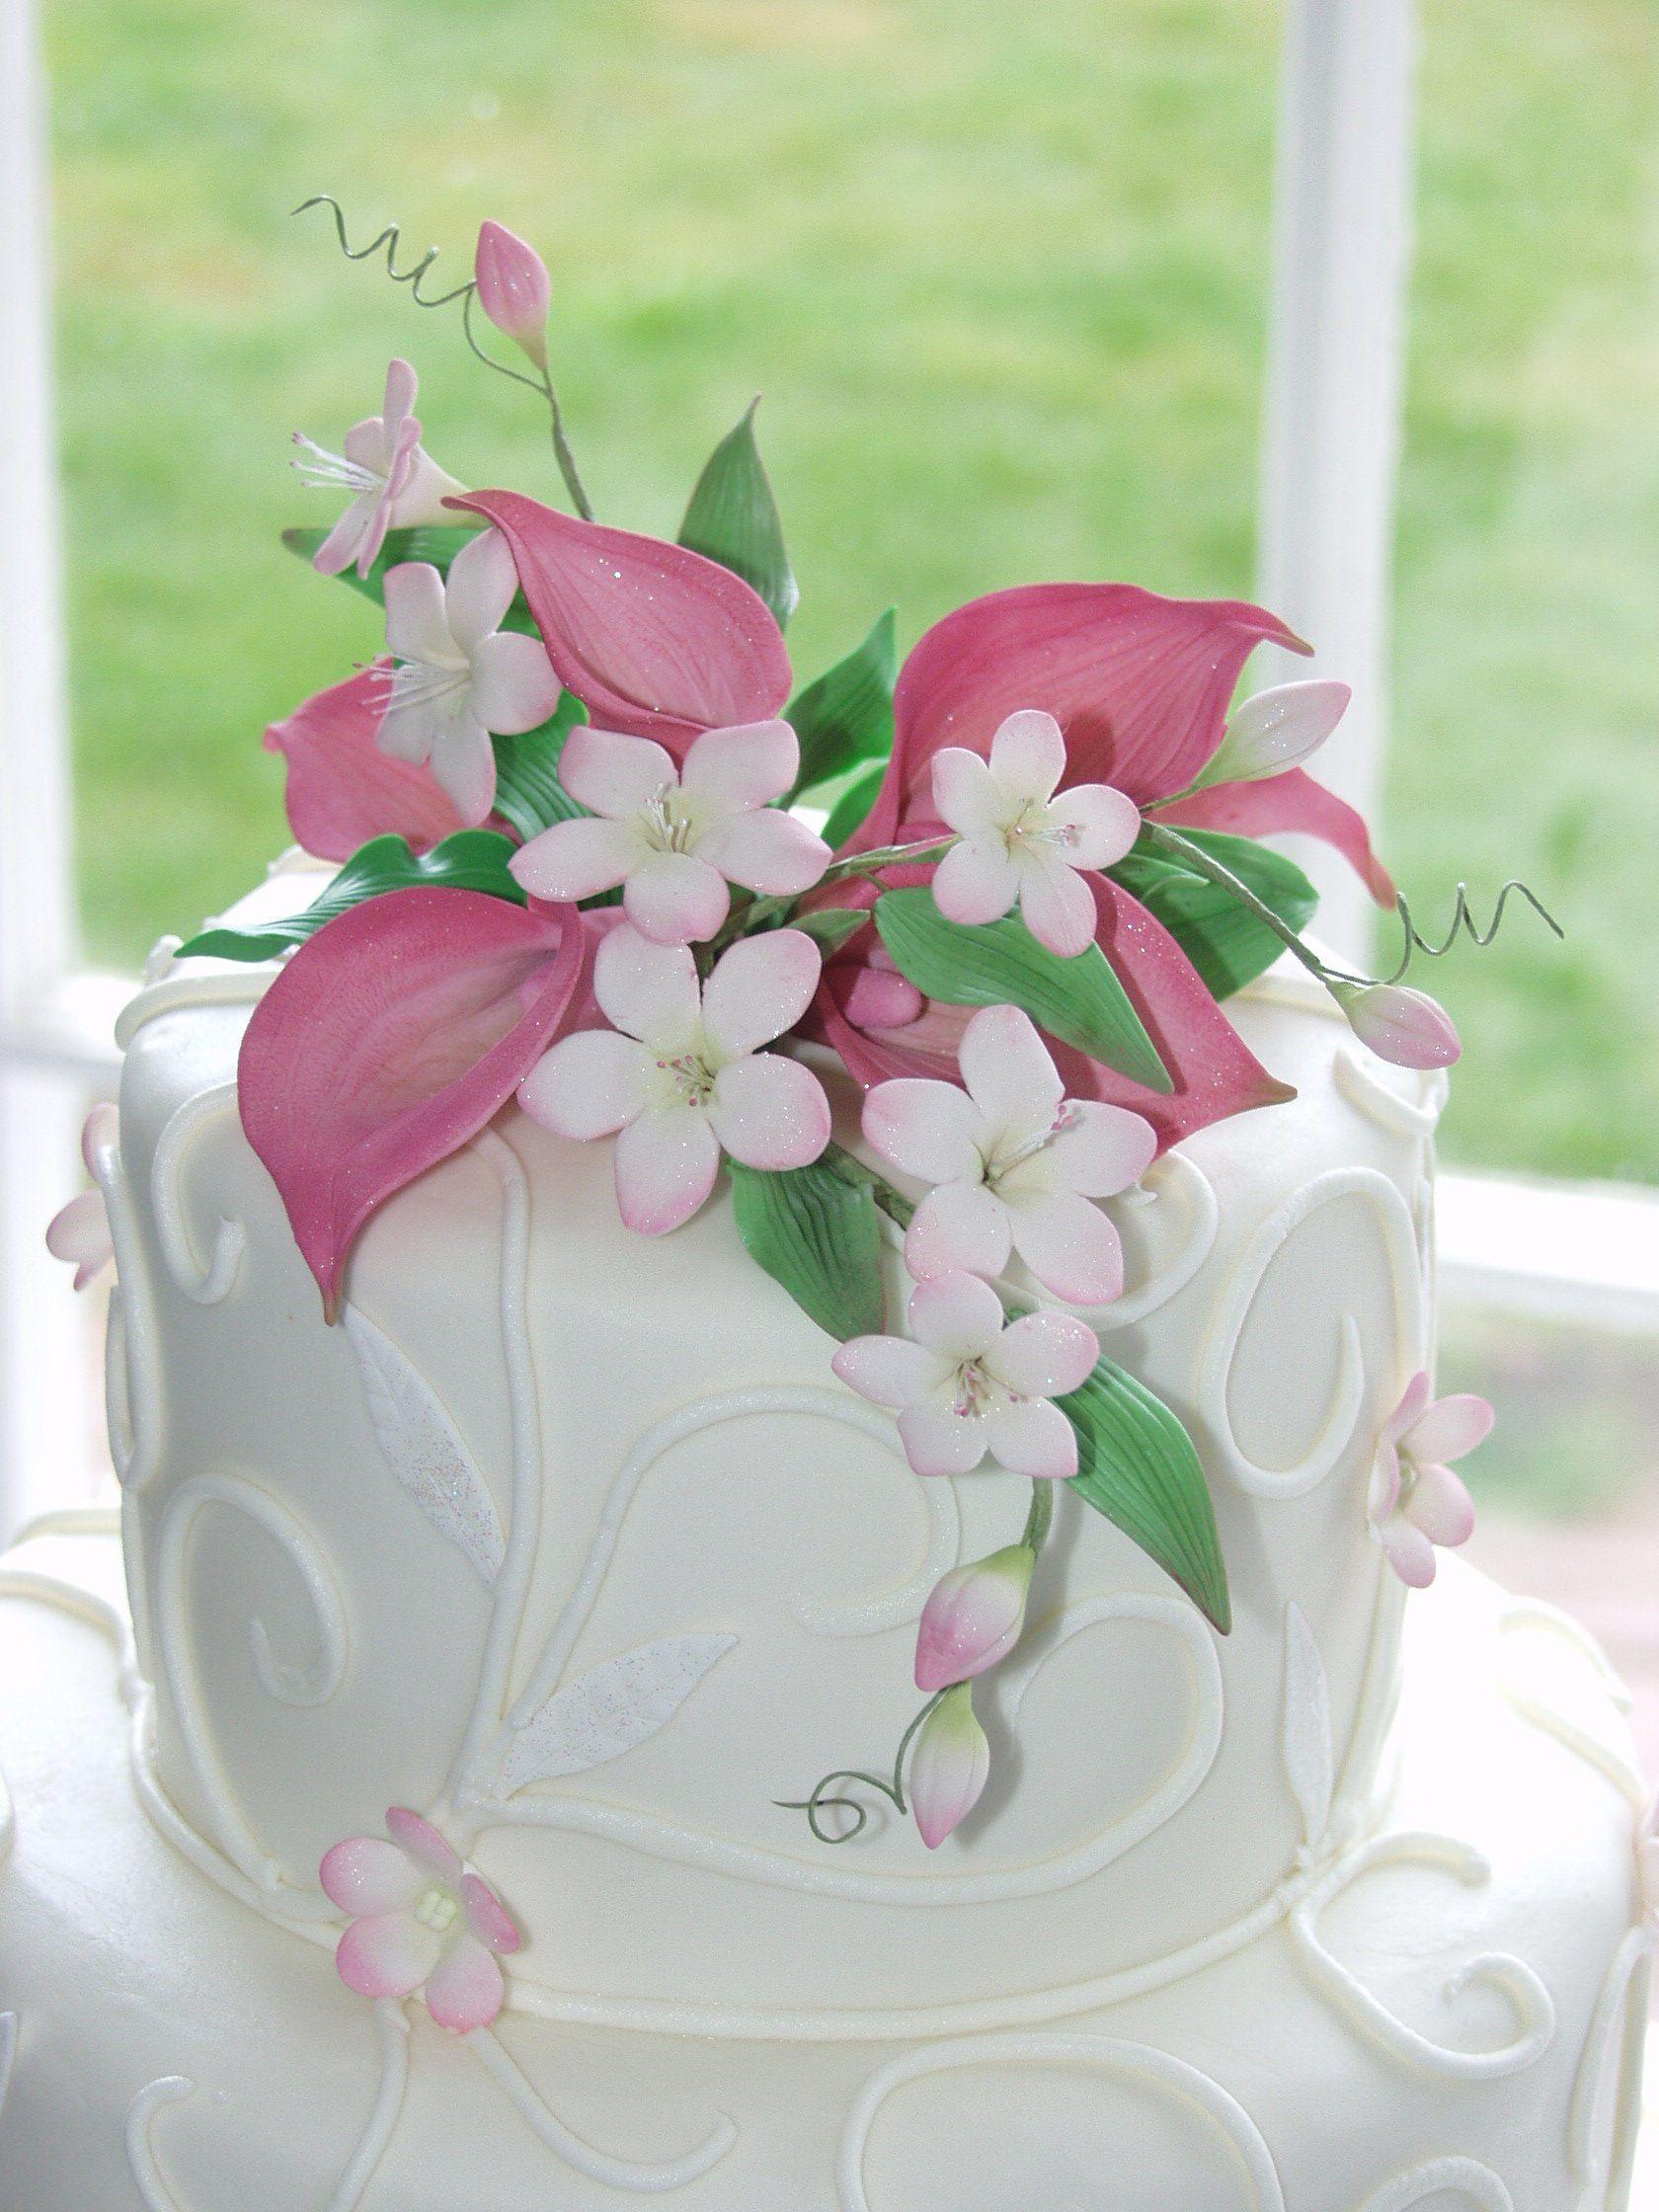 http://www.weddingwire.com/biz/dianne-rockwell-the-cake-lady ...